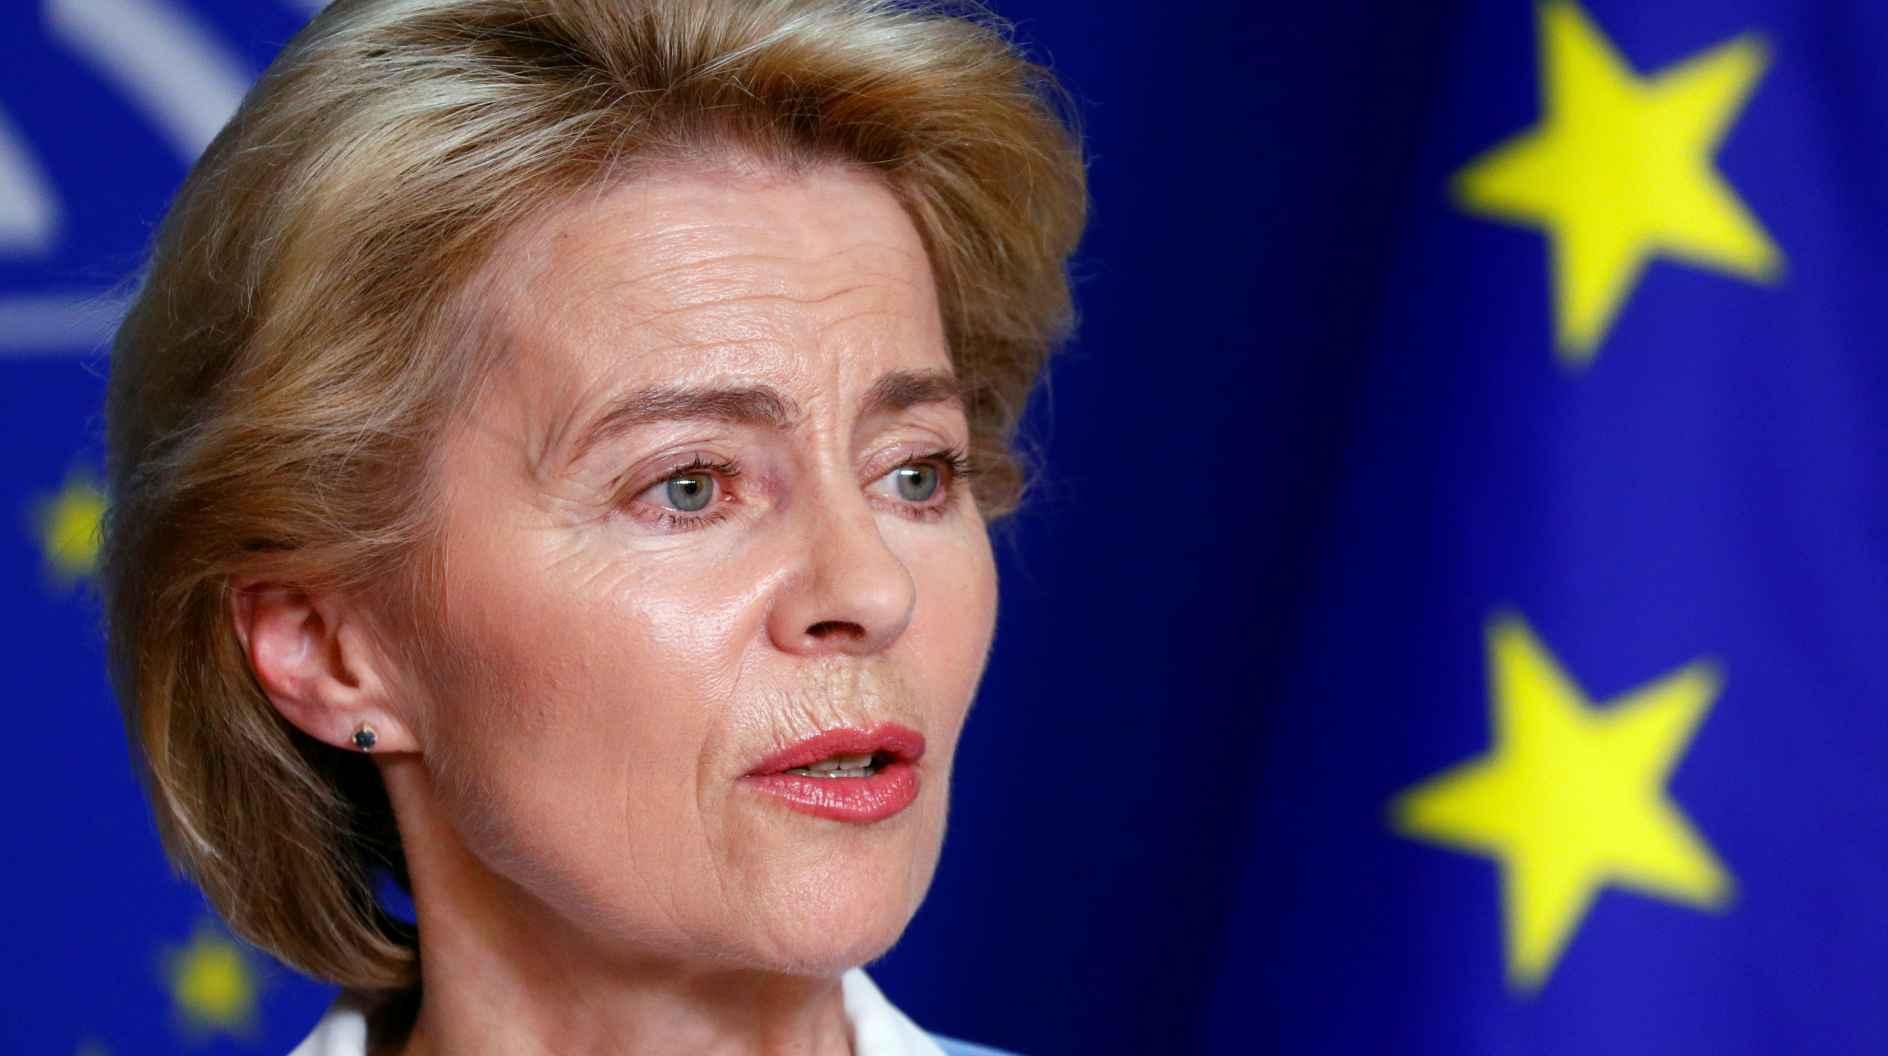 Will Ursula Von der Leyden thrive or be doomed?